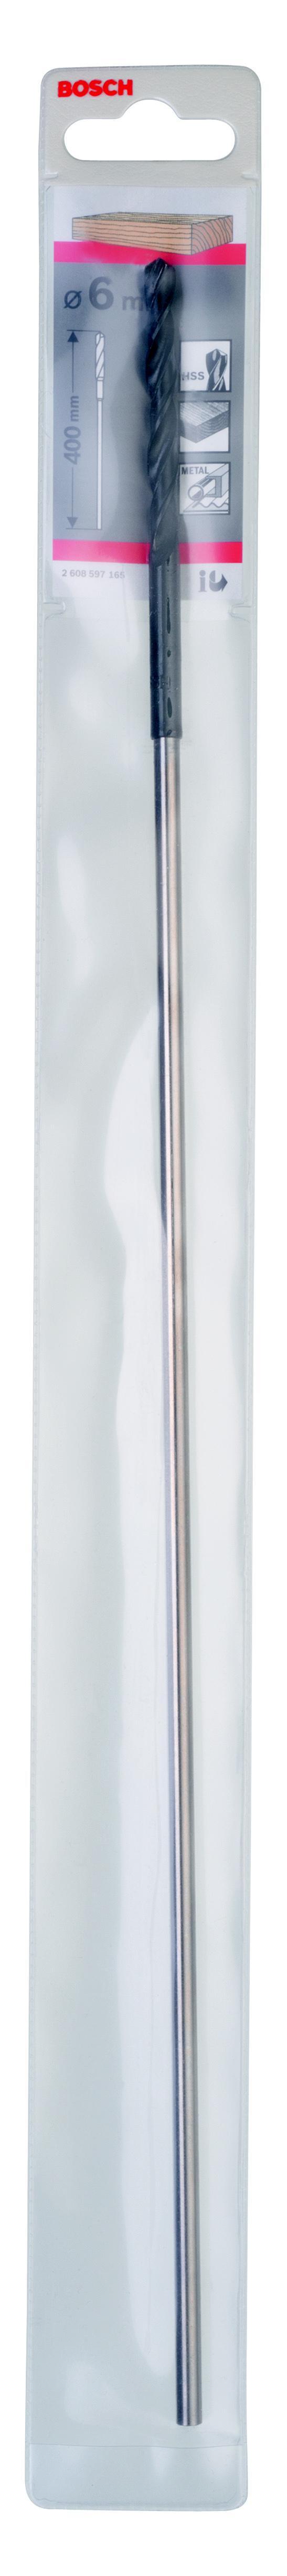 Сверло по дереву Bosch 2608597165 сверло по дереву винтовое hammer flex стандарт 18х460 мм